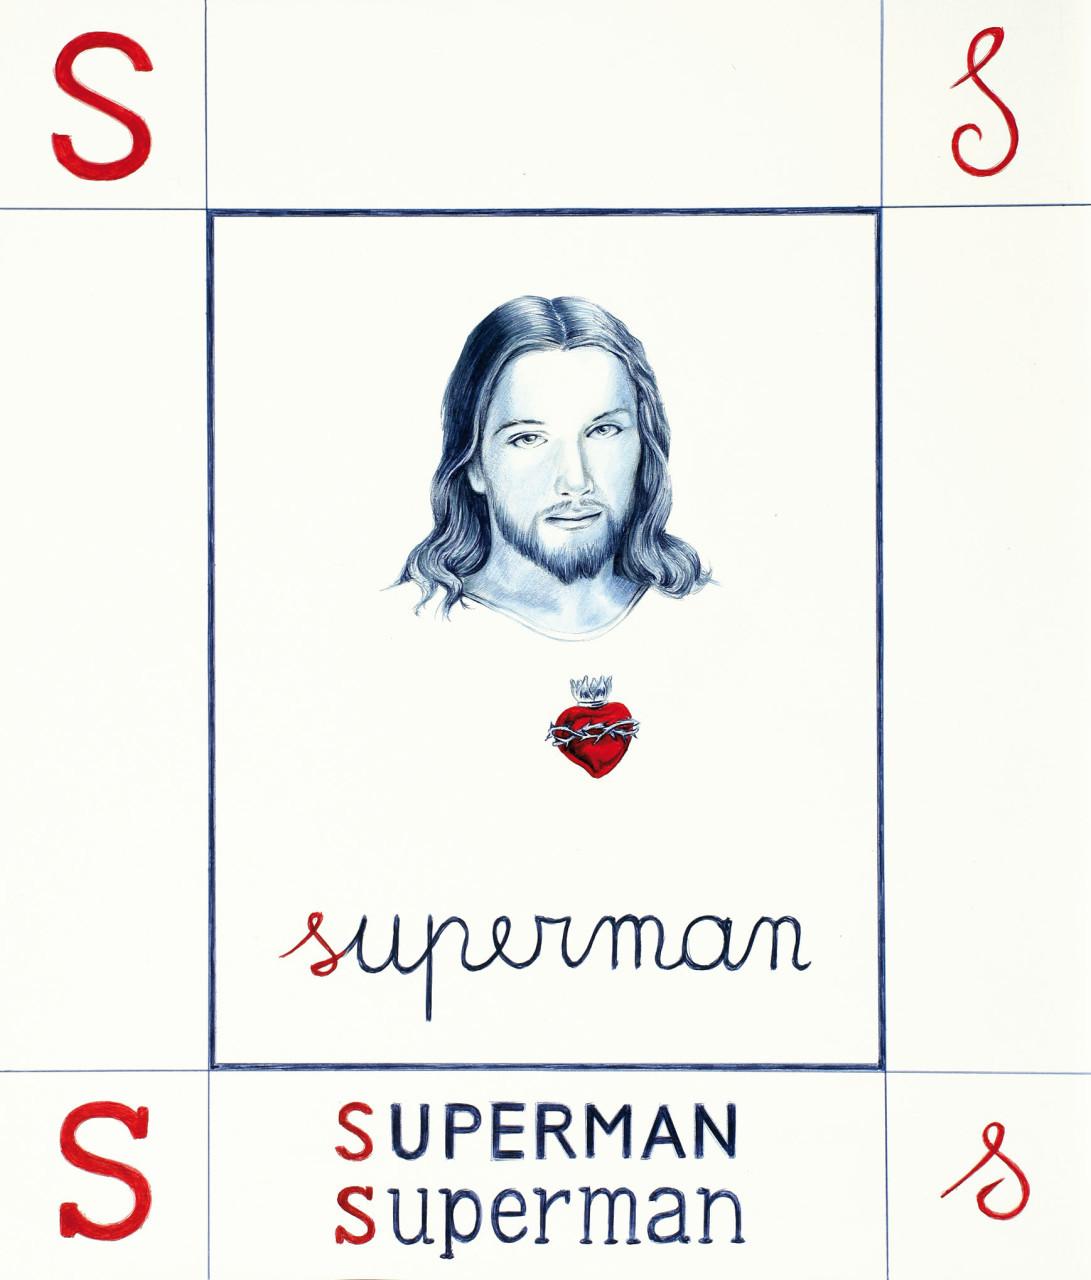 19S-superman_bassa